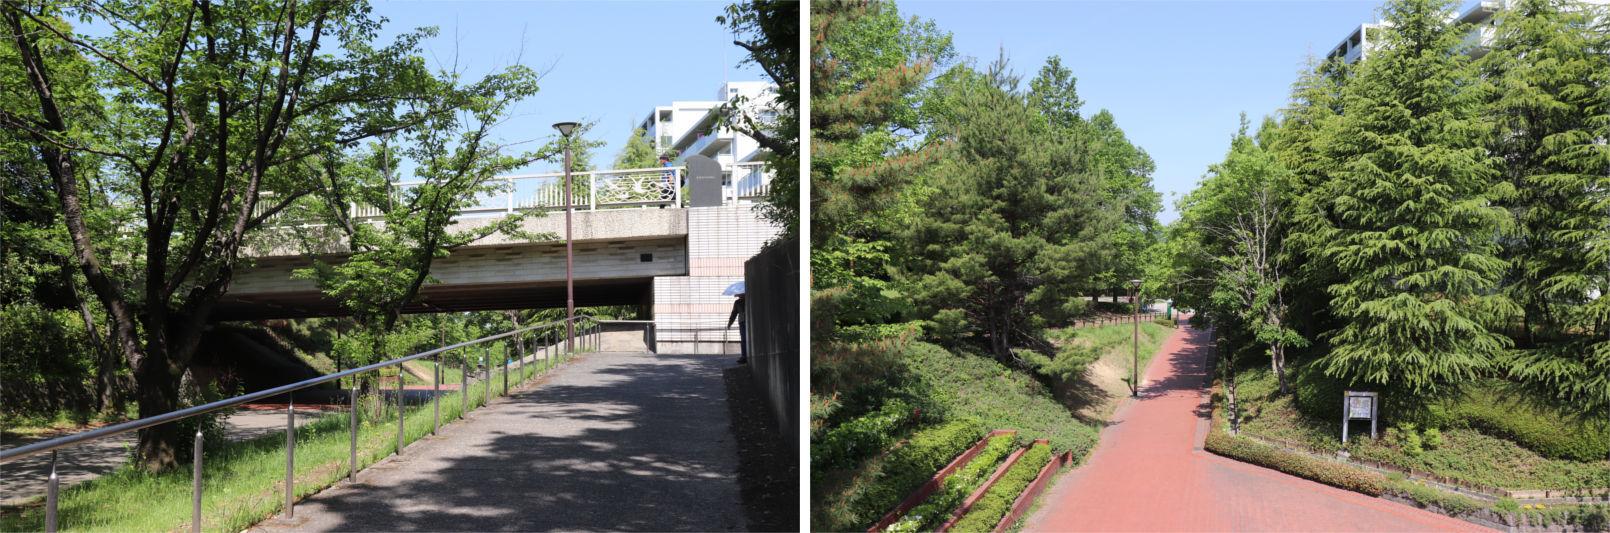 [多摩NTの橋ぜんぶ撮影PJ] No.31~35 南大沢駅周辺_a0332275_16470951.jpg